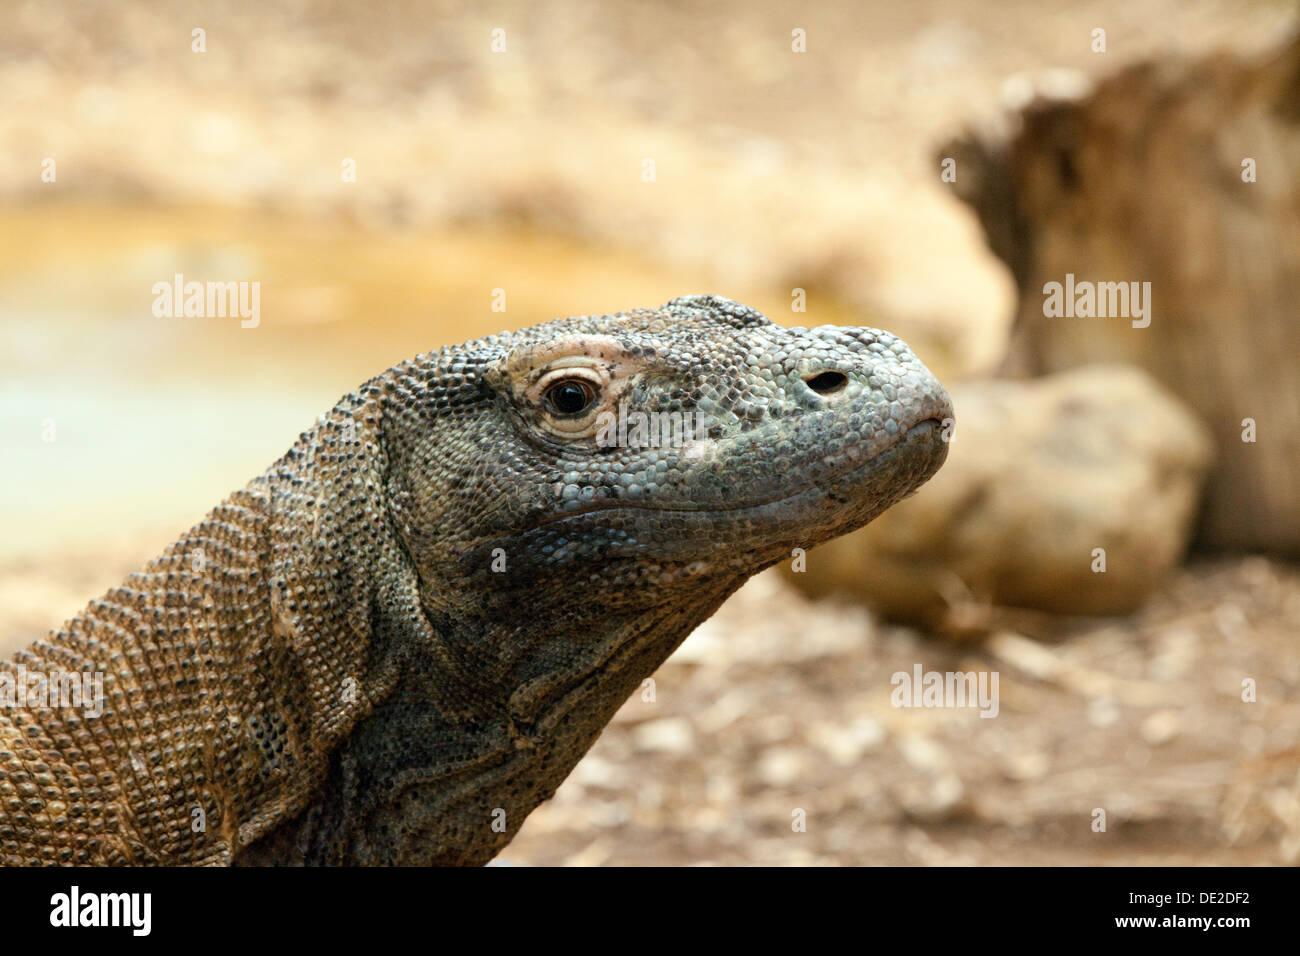 El dragón de Komodo (Varanus komodoensis, conocido también como monitor de Komodo, un reptil grande; cerca de la cabeza, Imagen De Stock